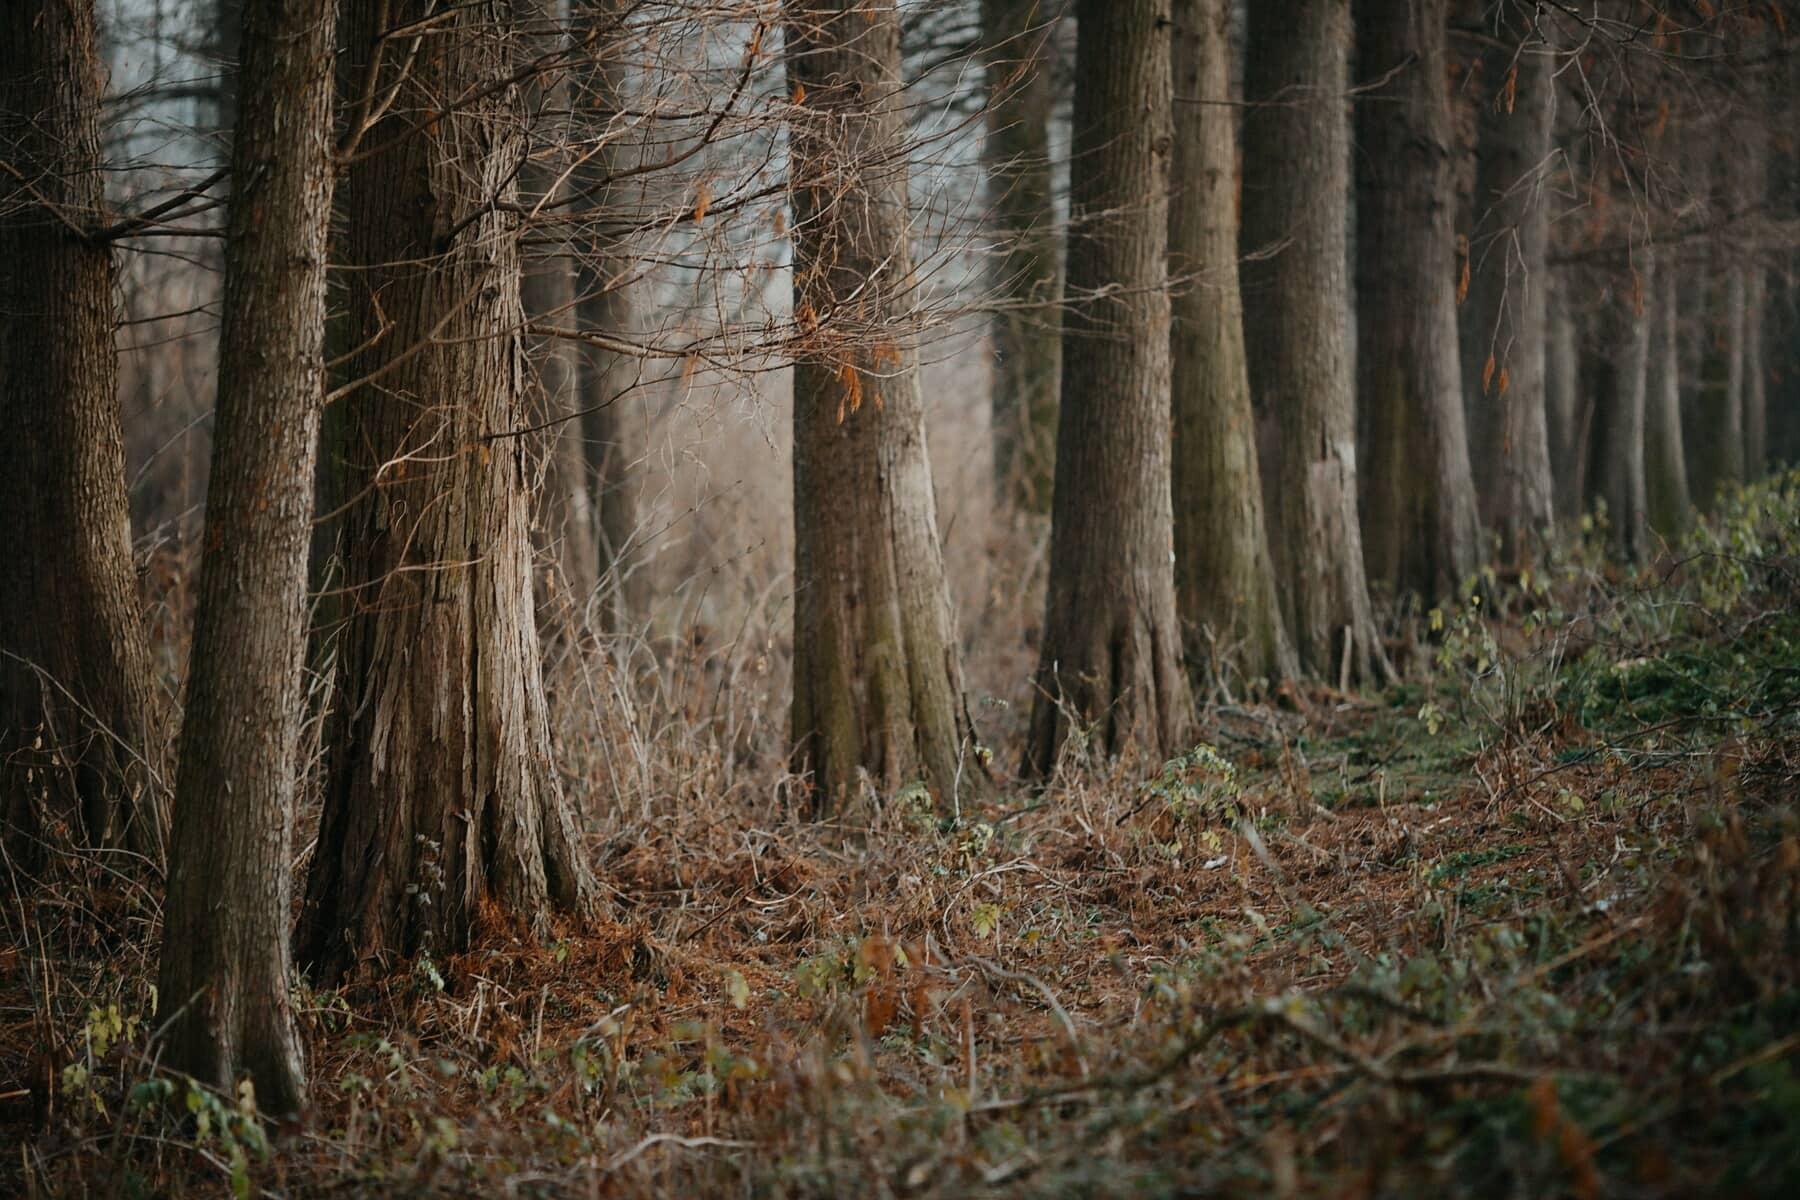 cây, buổi sáng, rừng, sương mù, mùa thu mùa, lạnh, cây, cảnh quan, gỗ, thiên nhiên